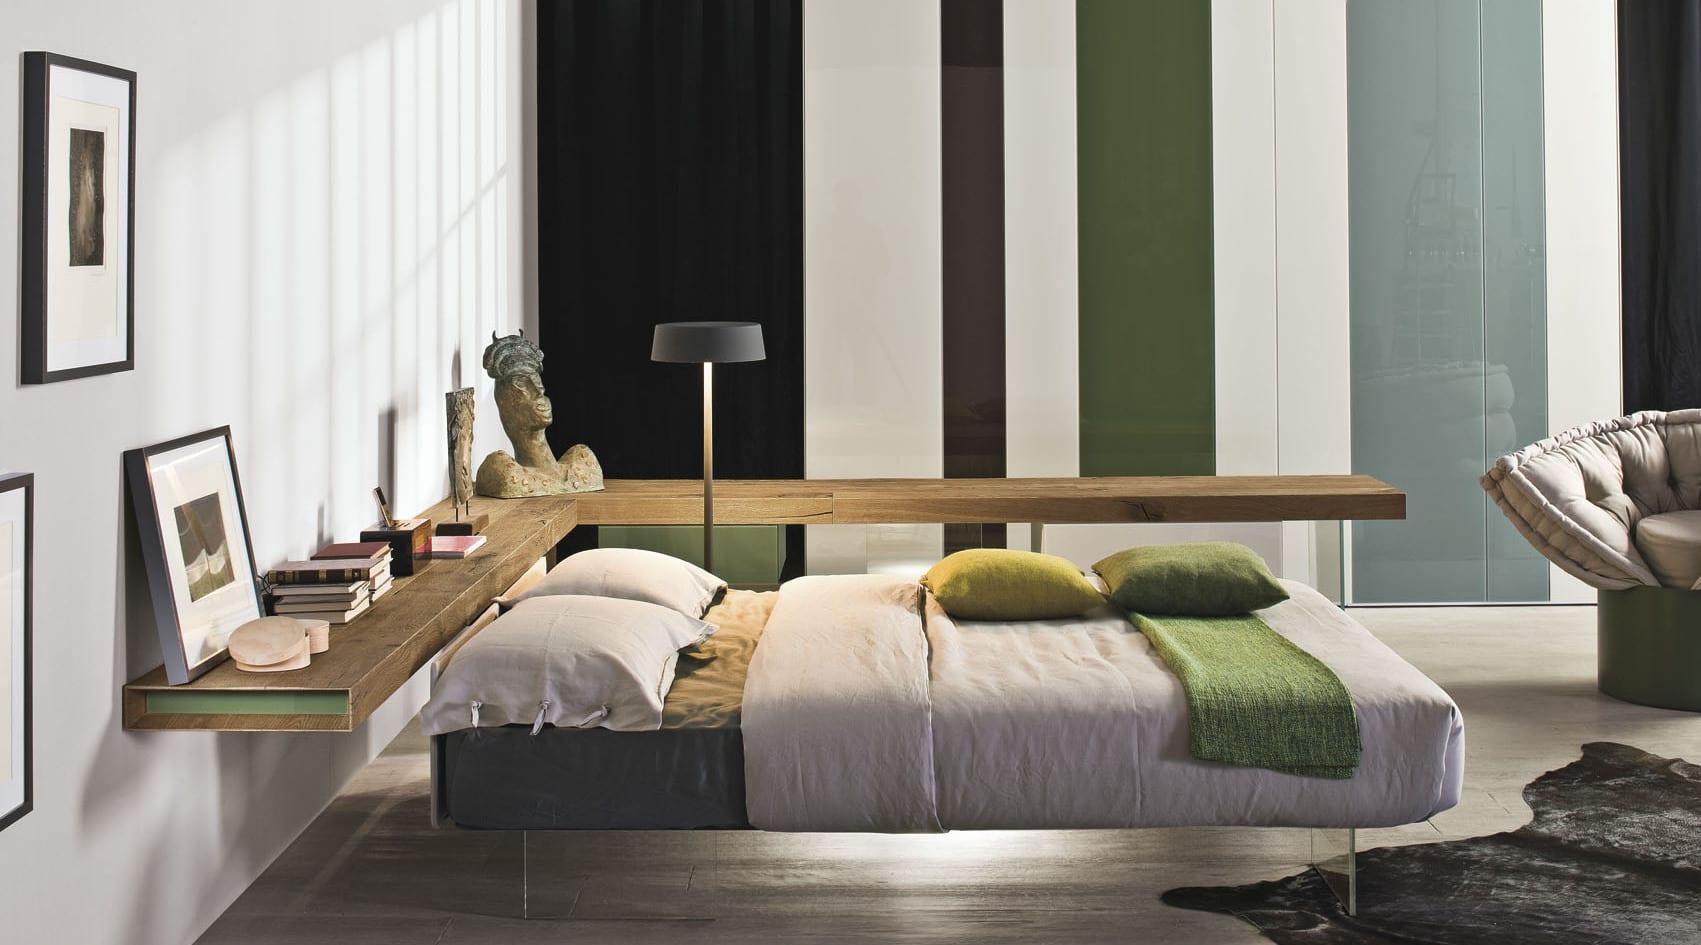 moderne m bel f r minimalistische schlafzimmer und moderne einrichtungsidee mit wandregal aus. Black Bedroom Furniture Sets. Home Design Ideas